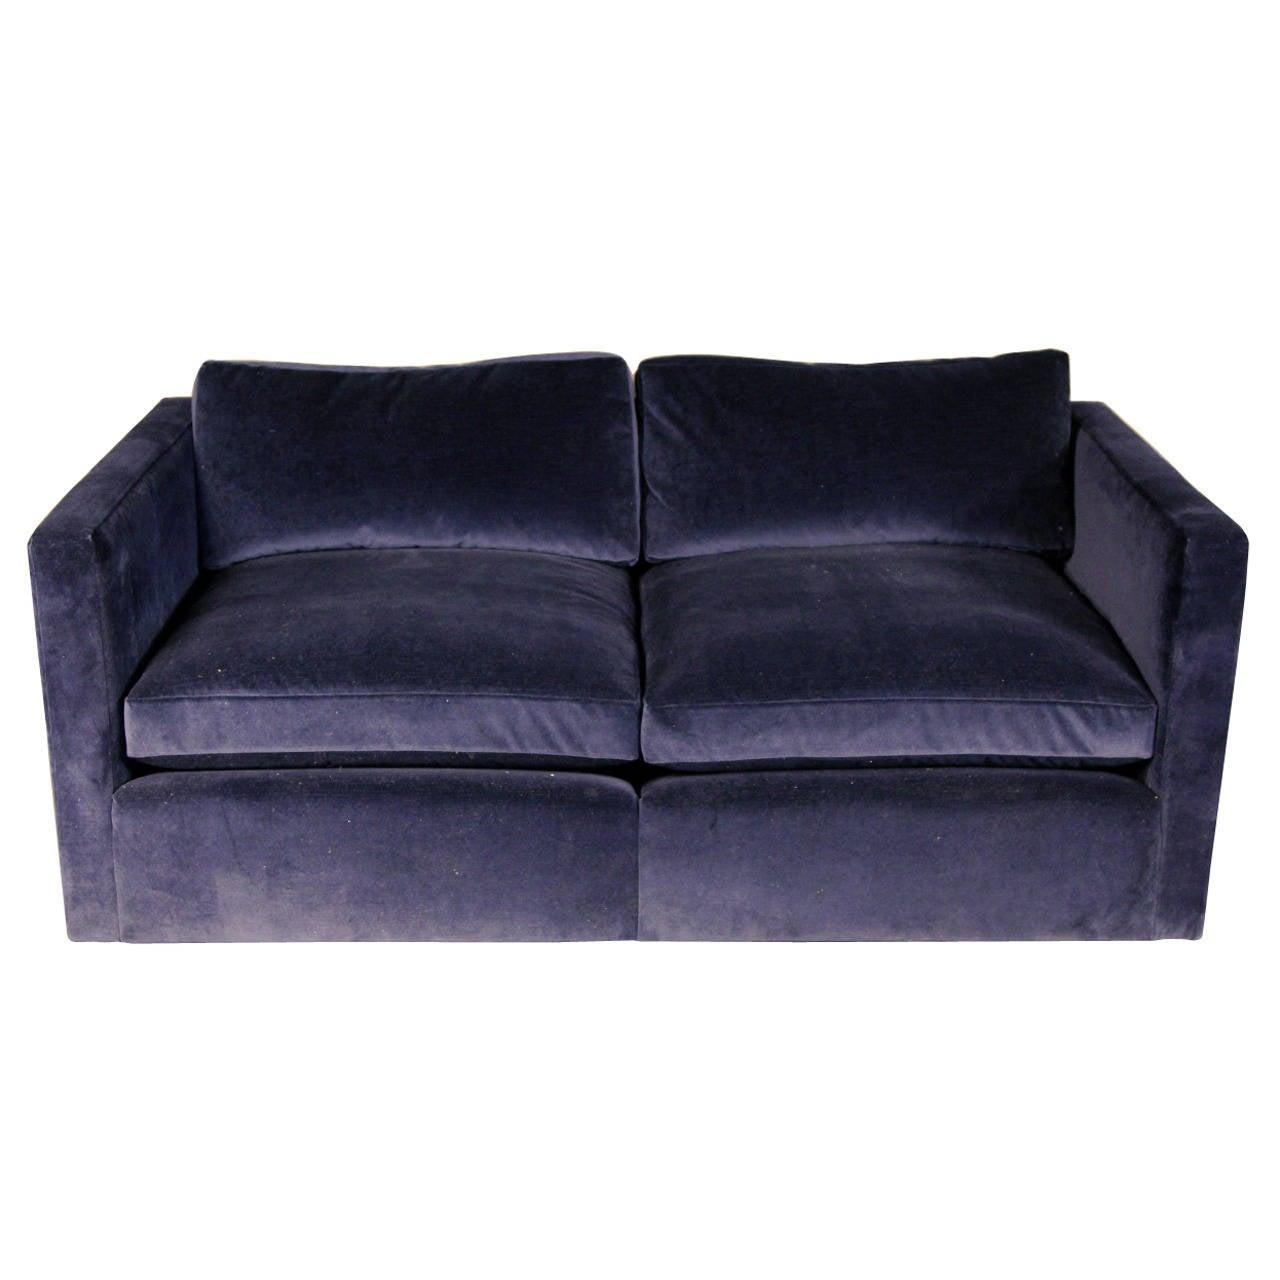 Knoll Velvet Upholstered Loveseat Sofa At 1stdibs